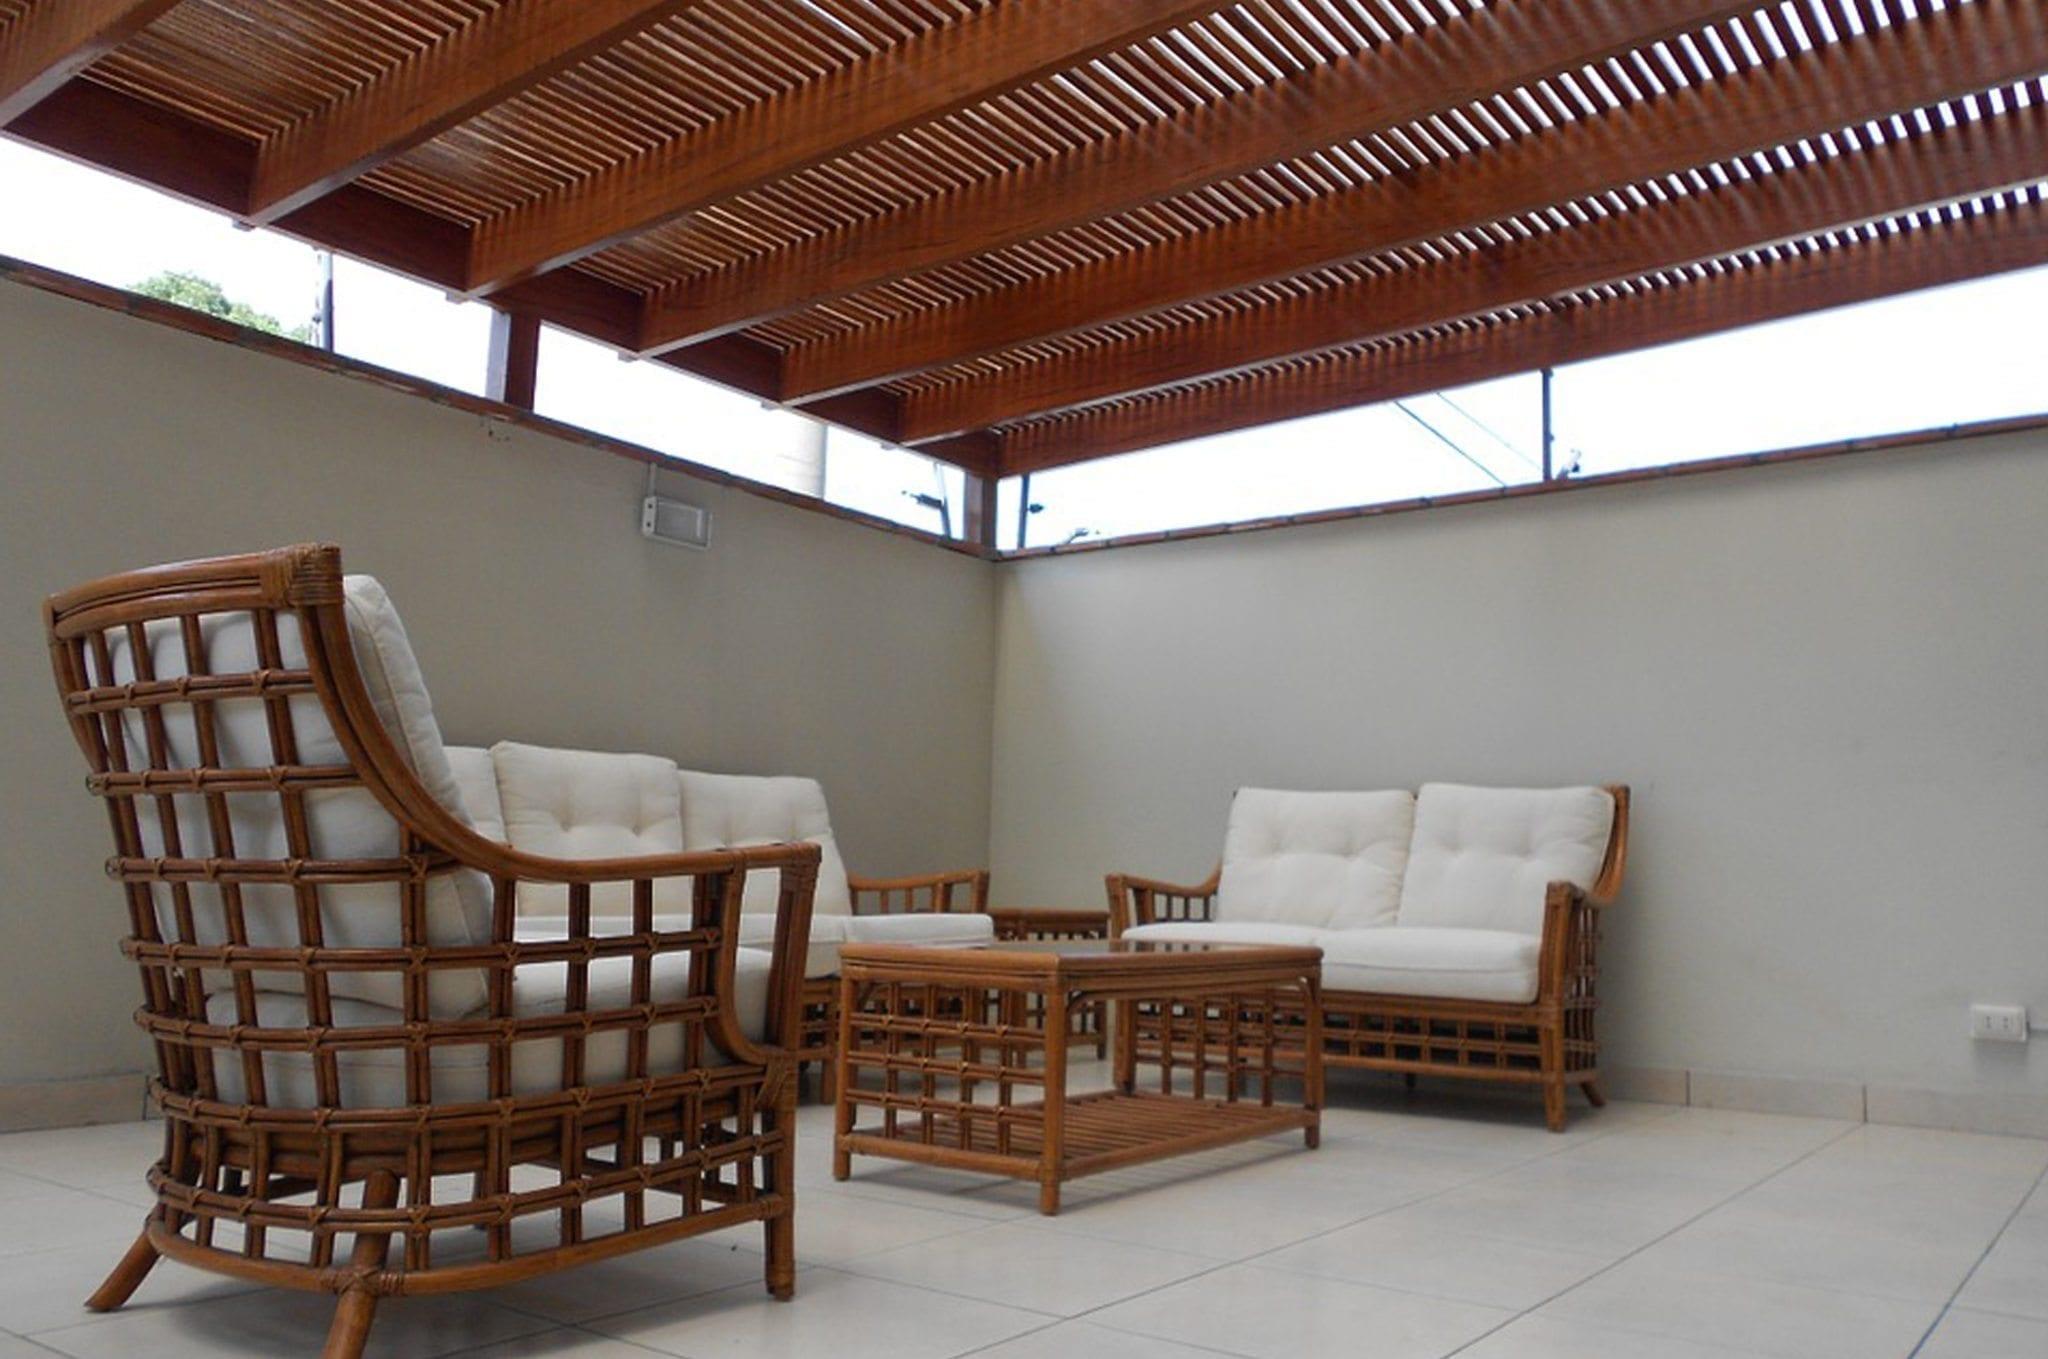 62 nuevos Hoteles en Perú construirán el sector turismo.